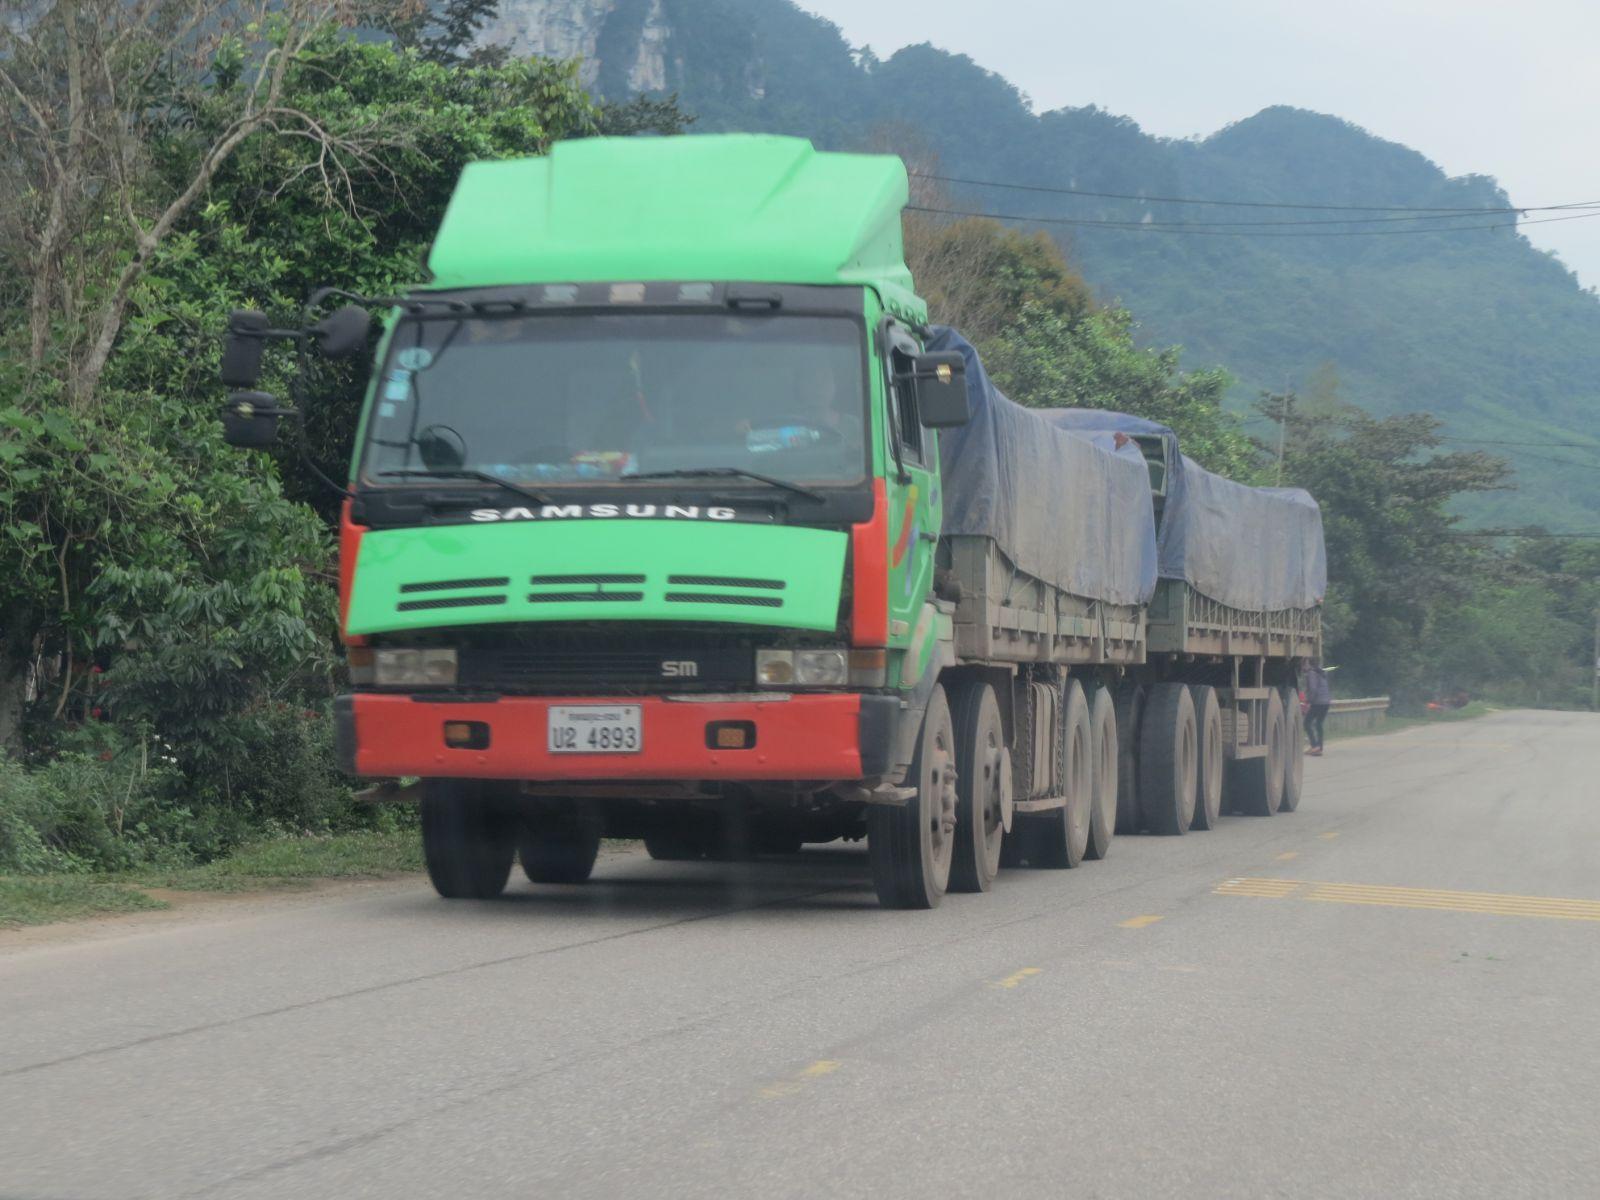 Được đăng ký, đăng kiểm...bên nước Lào nên các dòng xe loại này có thể dễ dàng